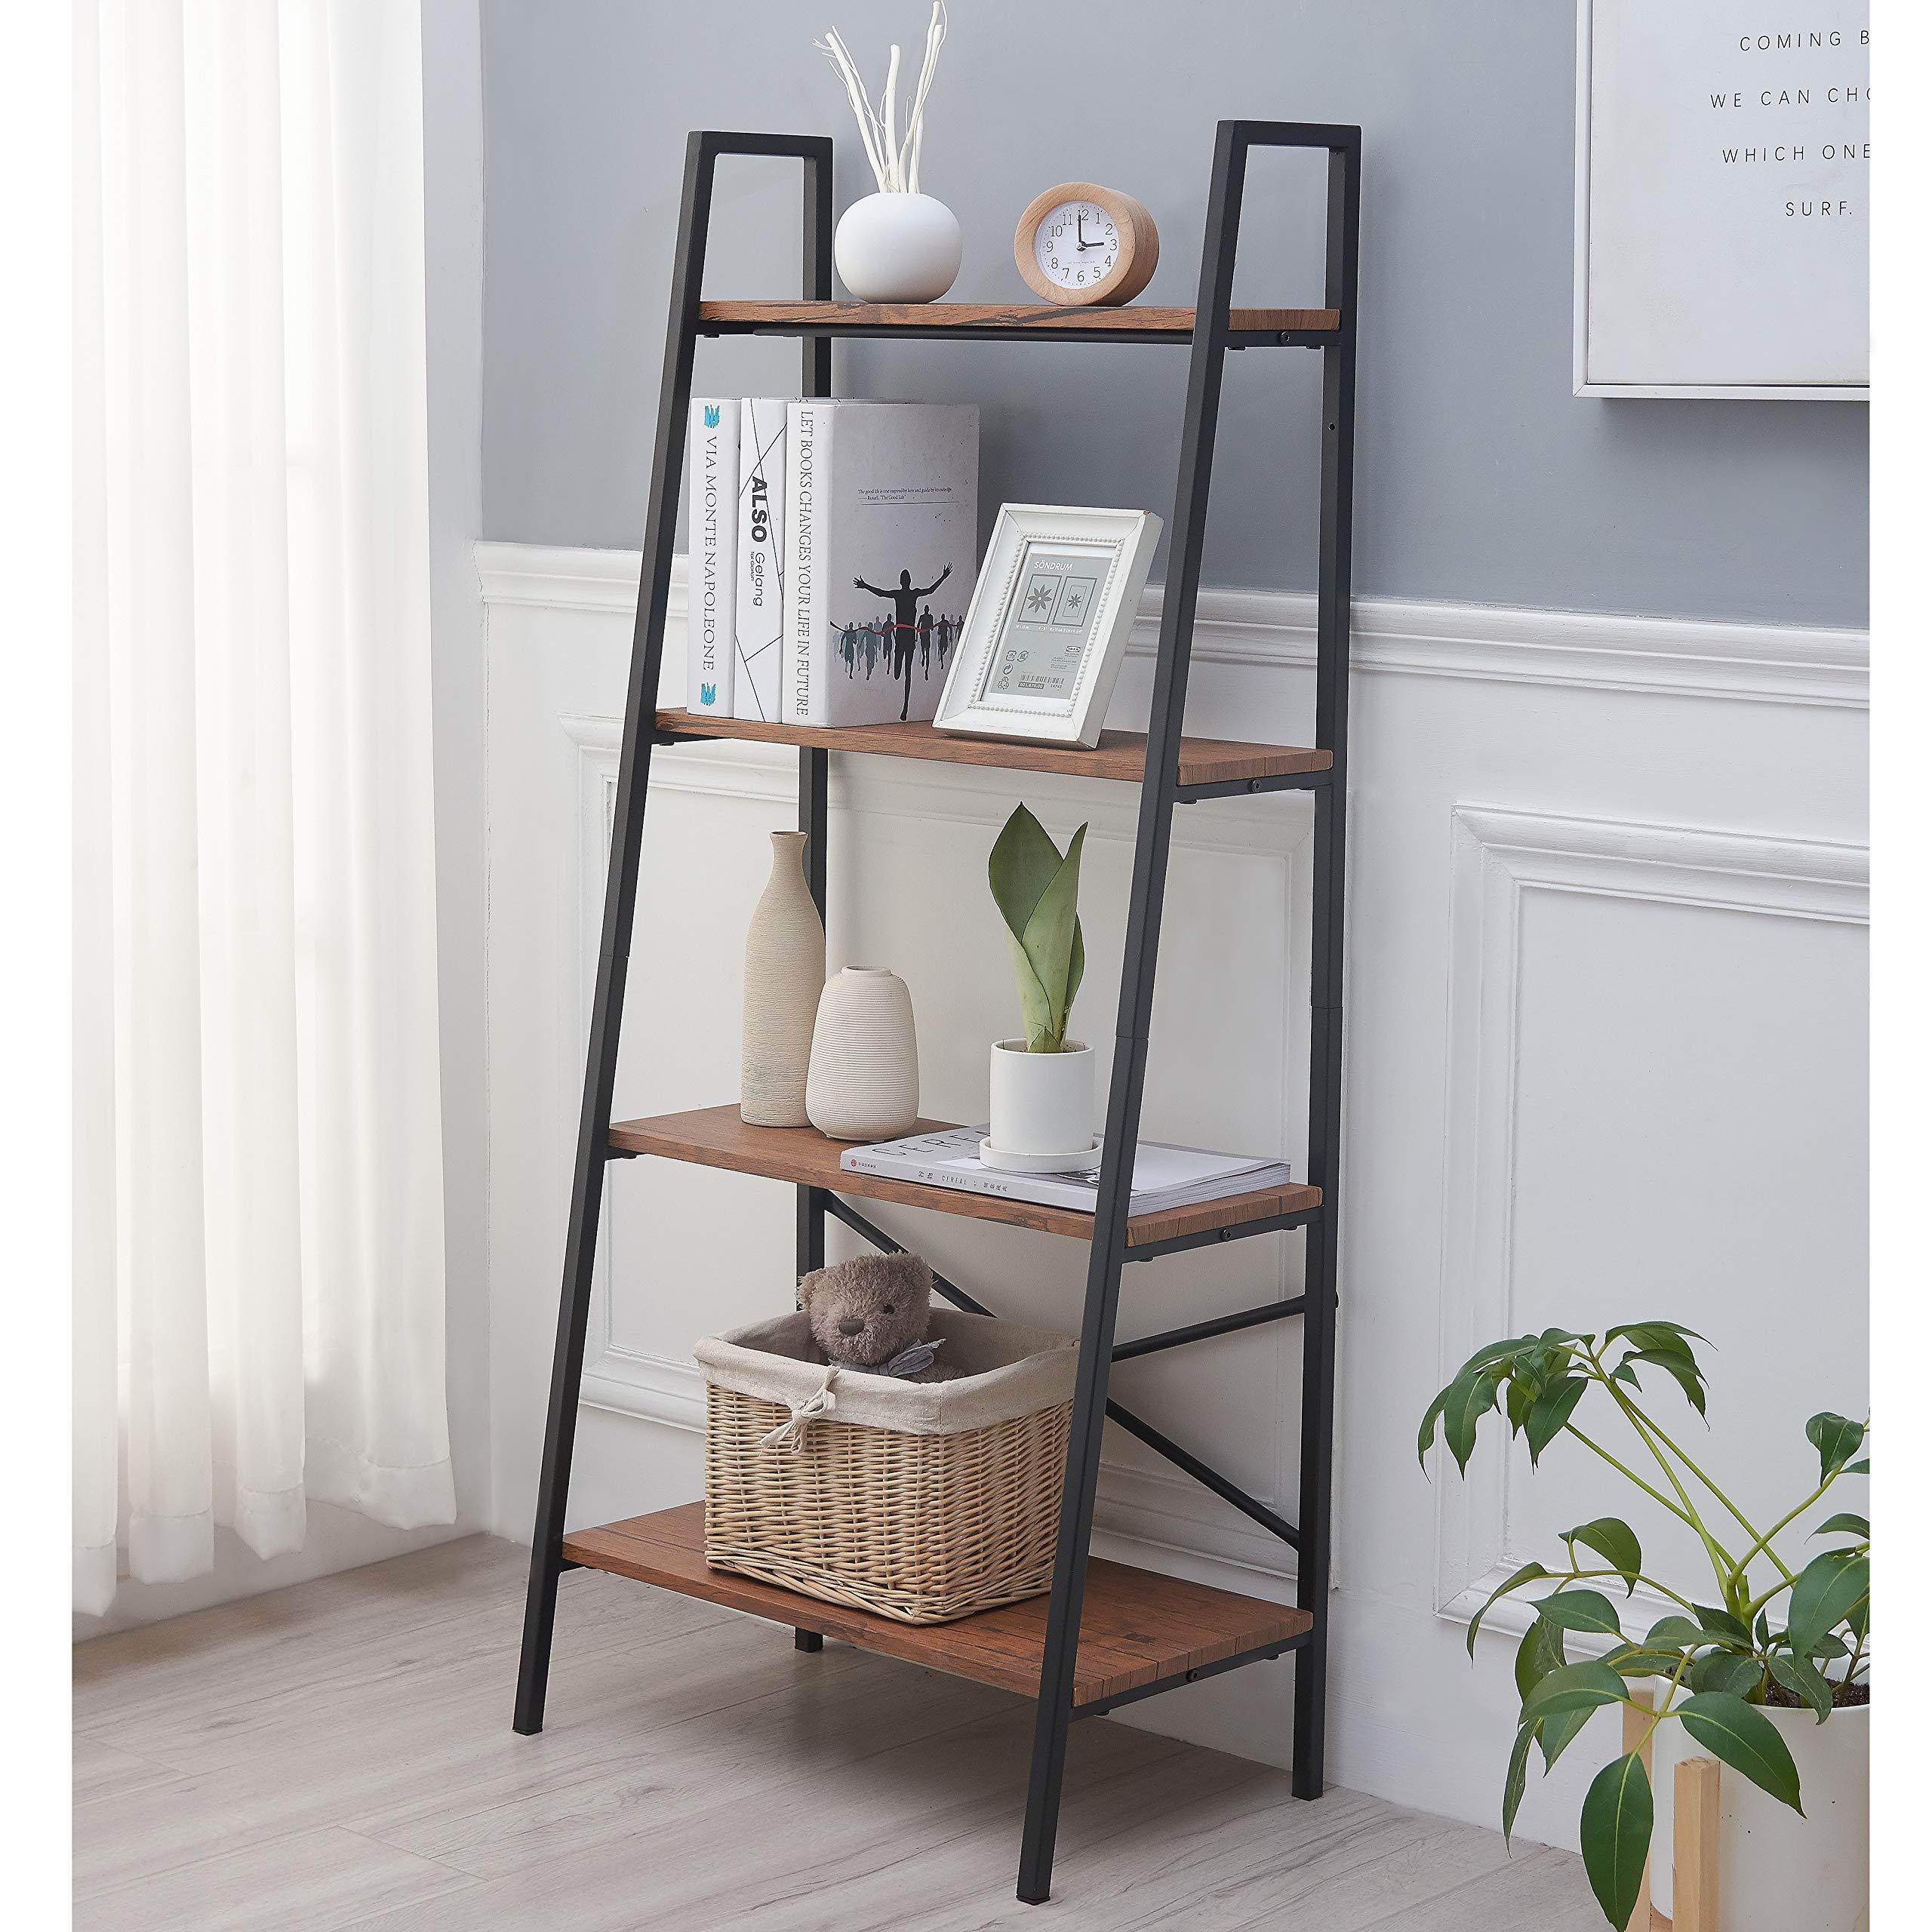 Blissun 4 Tiers Ladder Shelf, Vintage Bookshelf, Storage Rack Shelf for Office, Bathroom, Living Room by Blissun